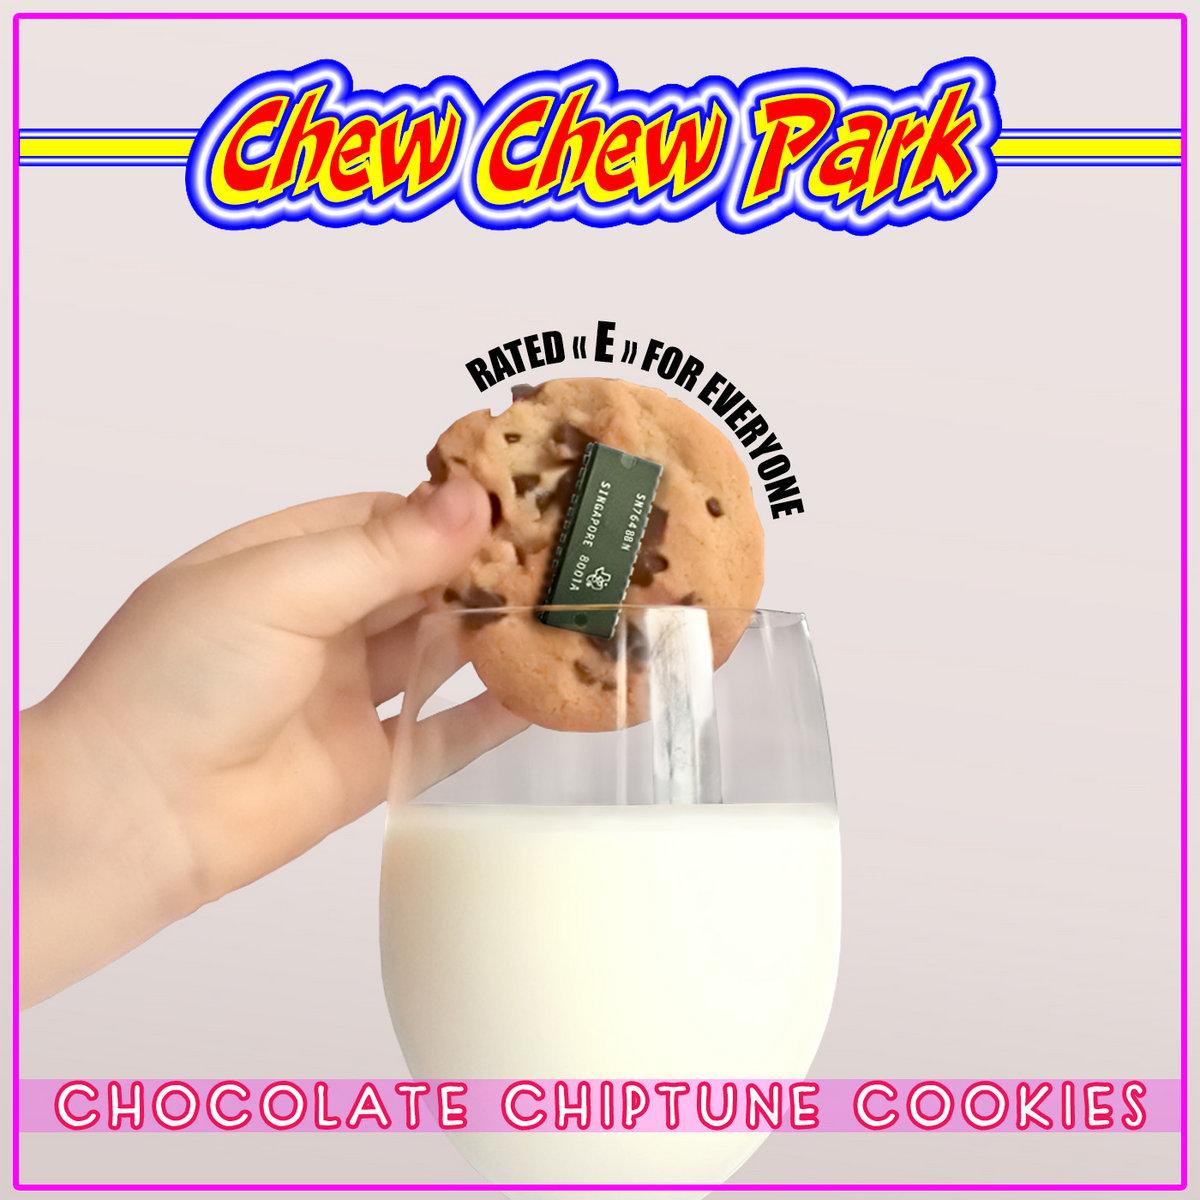 Third Cookie Presentation | Chew Chew Park